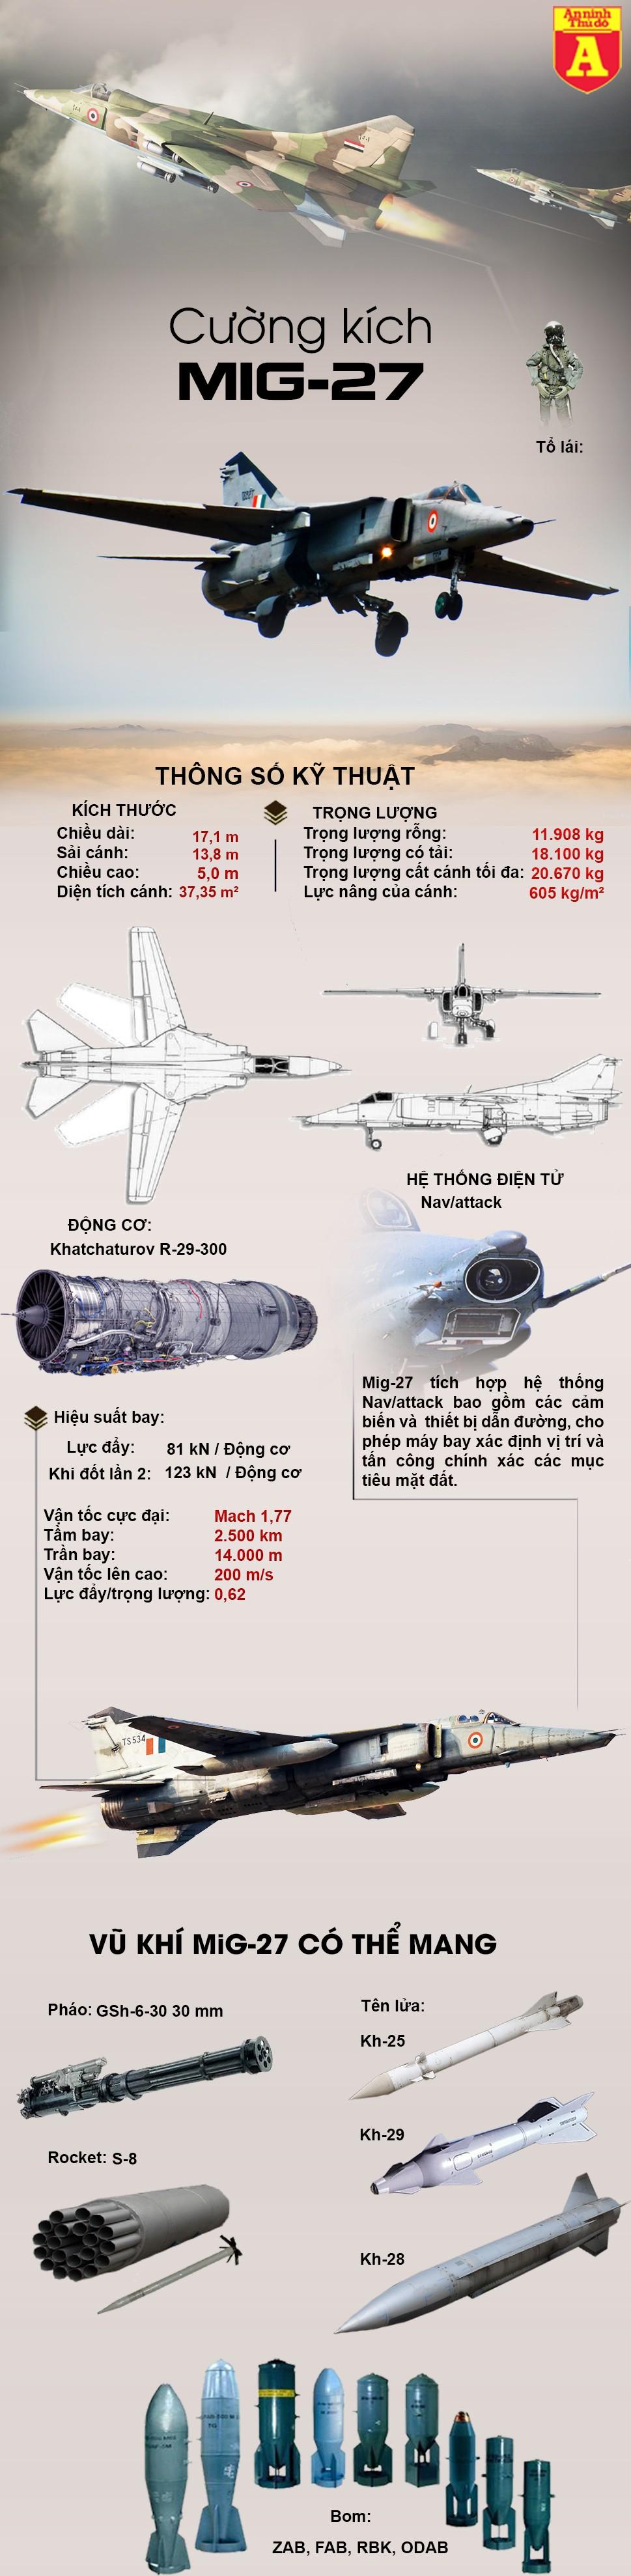 """[Infographic] Huyền thoại """"Đôi cánh ma thuật"""" Liên Xô cuối cùng vừa chia tay bầu trời ảnh 2"""